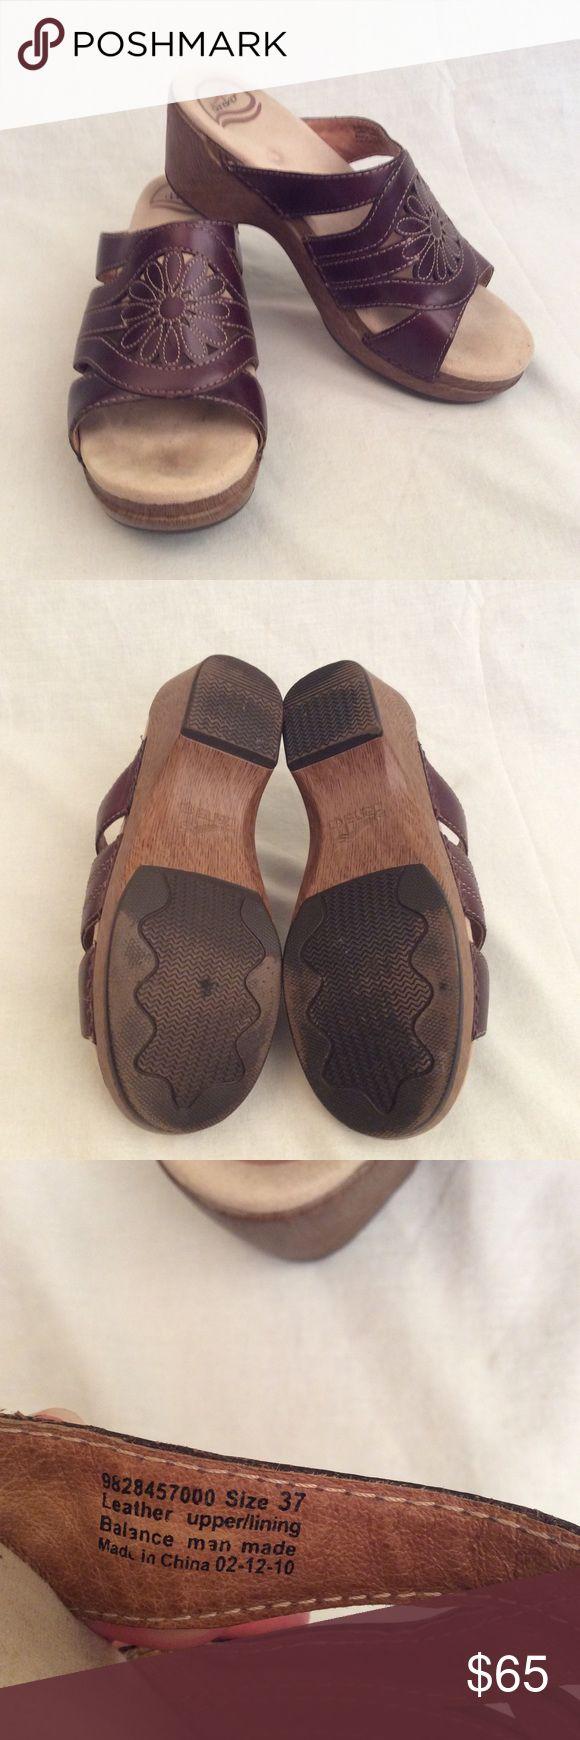 🔴24 Hour Sale🔴Dansko Sandals Ladies size 37 Dansko Sandals small heel 1.5 inch brown upper leather slip ons. Smoke free home. Dansko Shoes Sandals